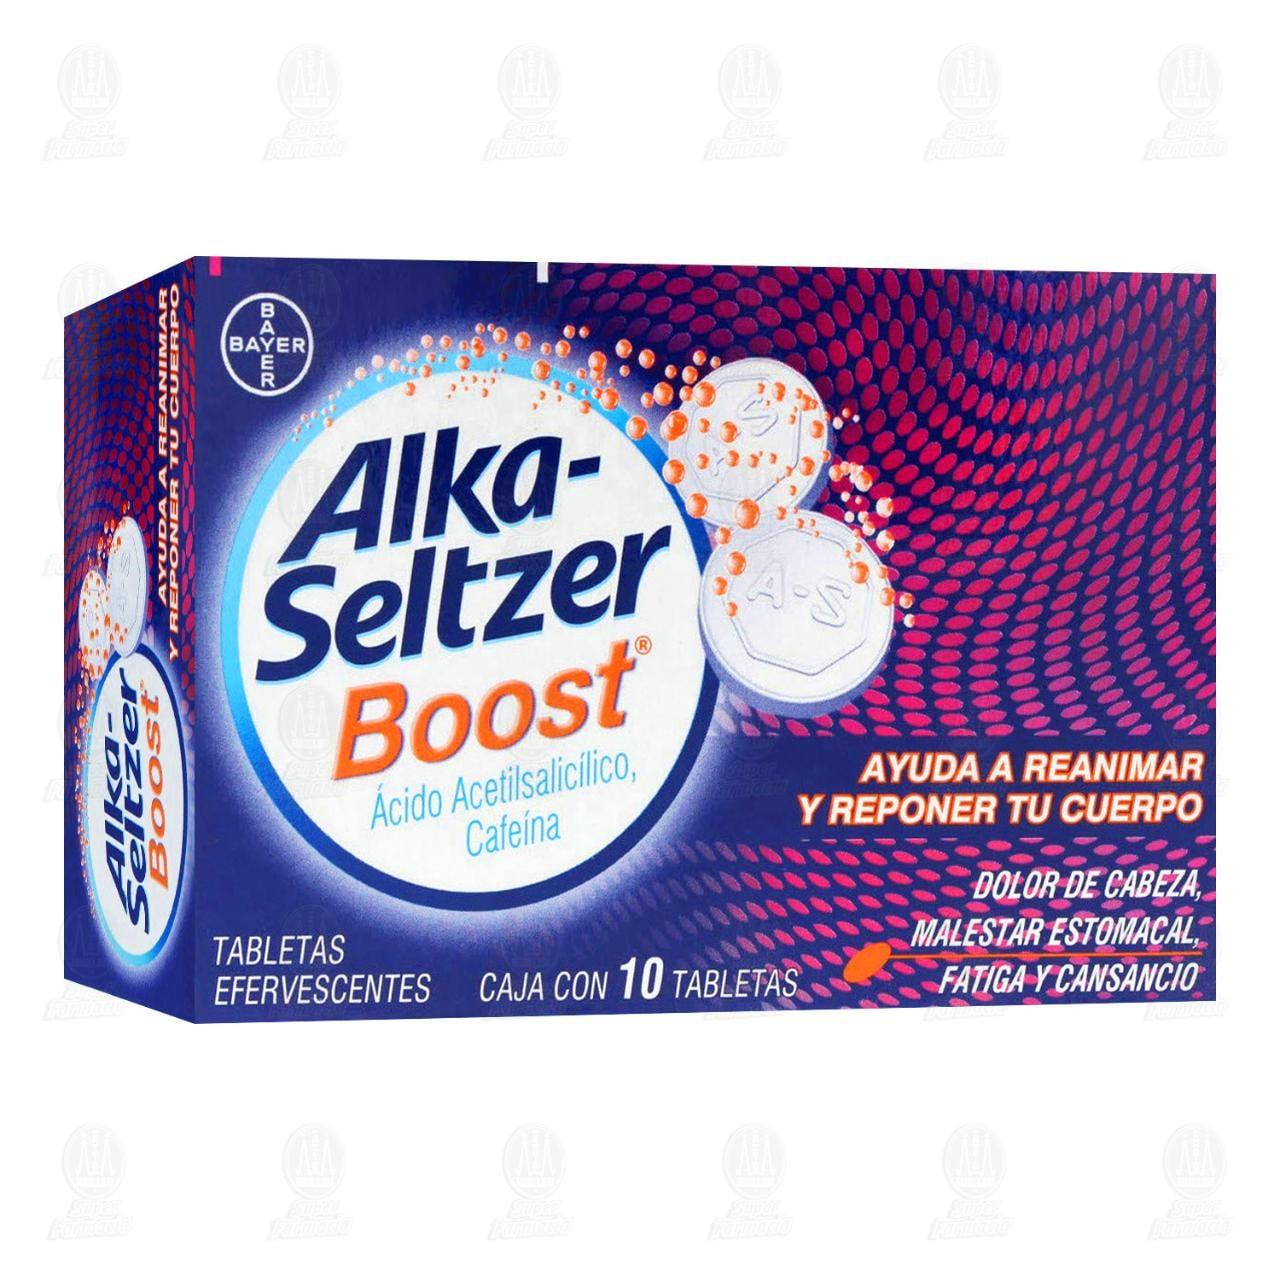 Comprar Alka-Seltzer Boost Rápido Alivio del Dolor, Ayuda a Reanimar y Reponer tu Cuerpo 10 Tabletas Efervescentes en Farmacias Guadalajara